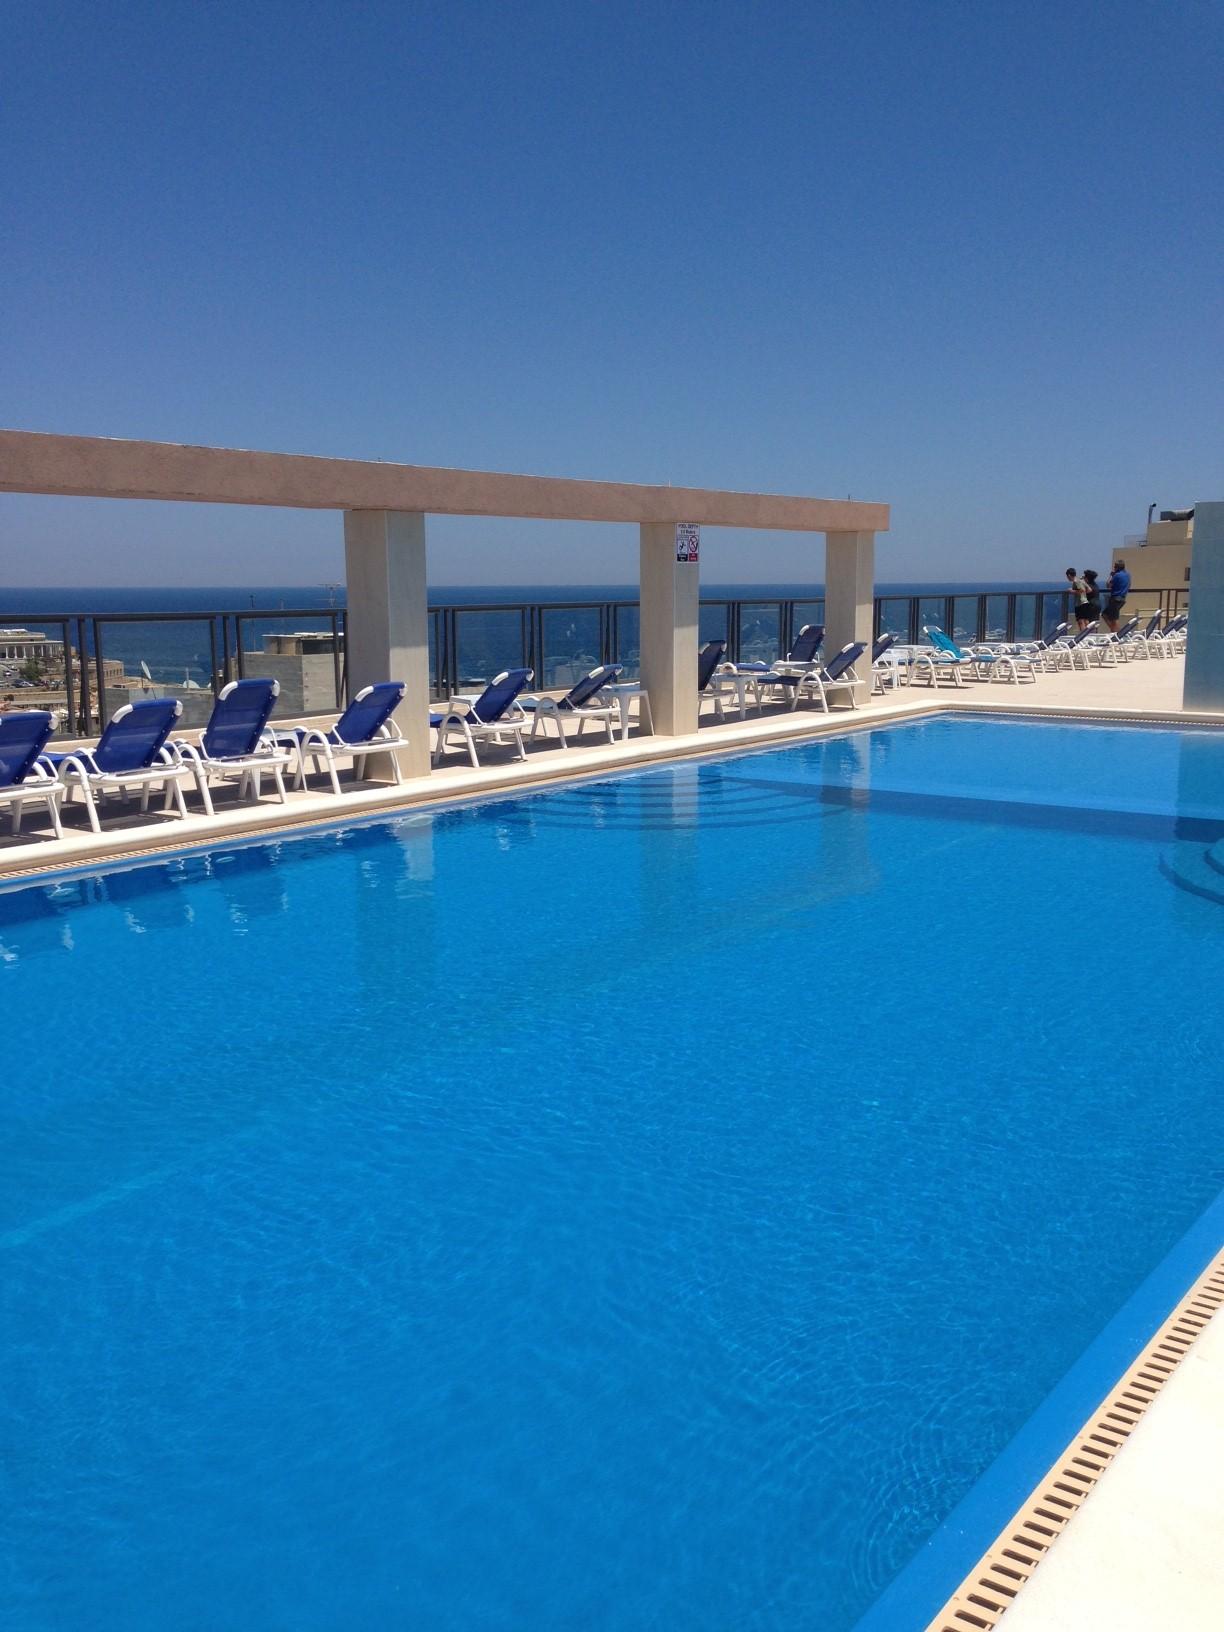 A kiváló elhelyezkedésű háromcsillagos hotel St. Julian's központjában található, néhány perc sétára a tengerparti sétánytól és számos bevásárlási és szórakozási lehetőségtől.